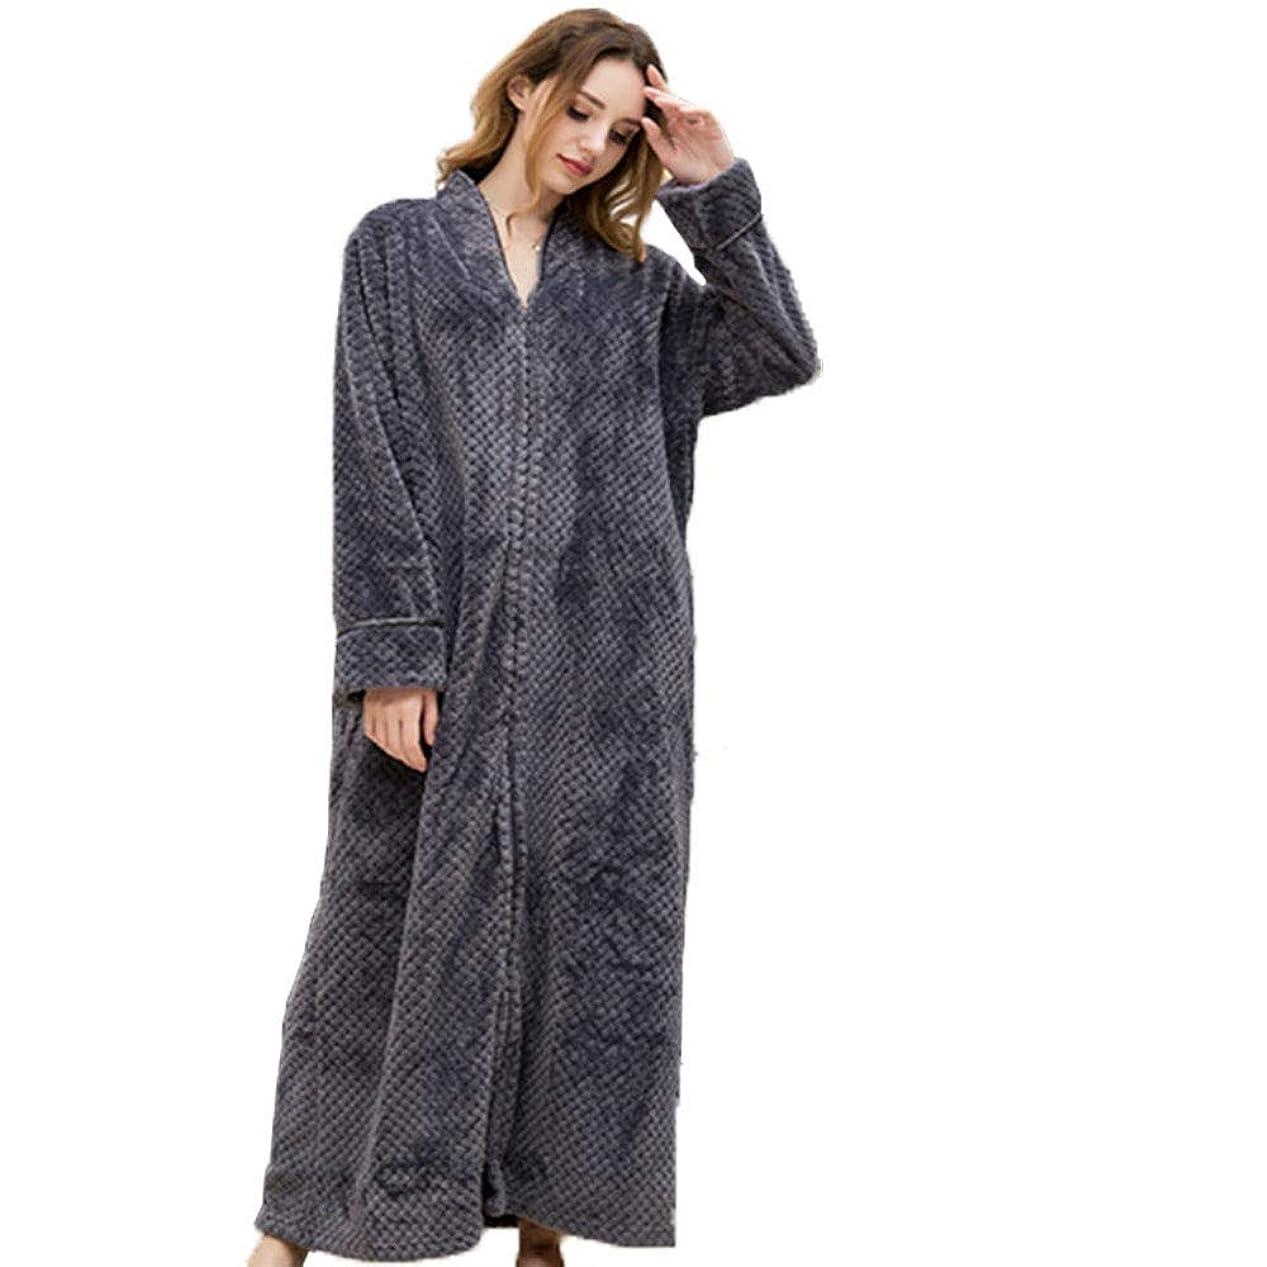 財団ピースオーケストラEACA 着る毛布 フード付き 腰ベルト付き プレミアムマイクロファイバー バスローブ 厚手 保温 部屋着 着丈110cm